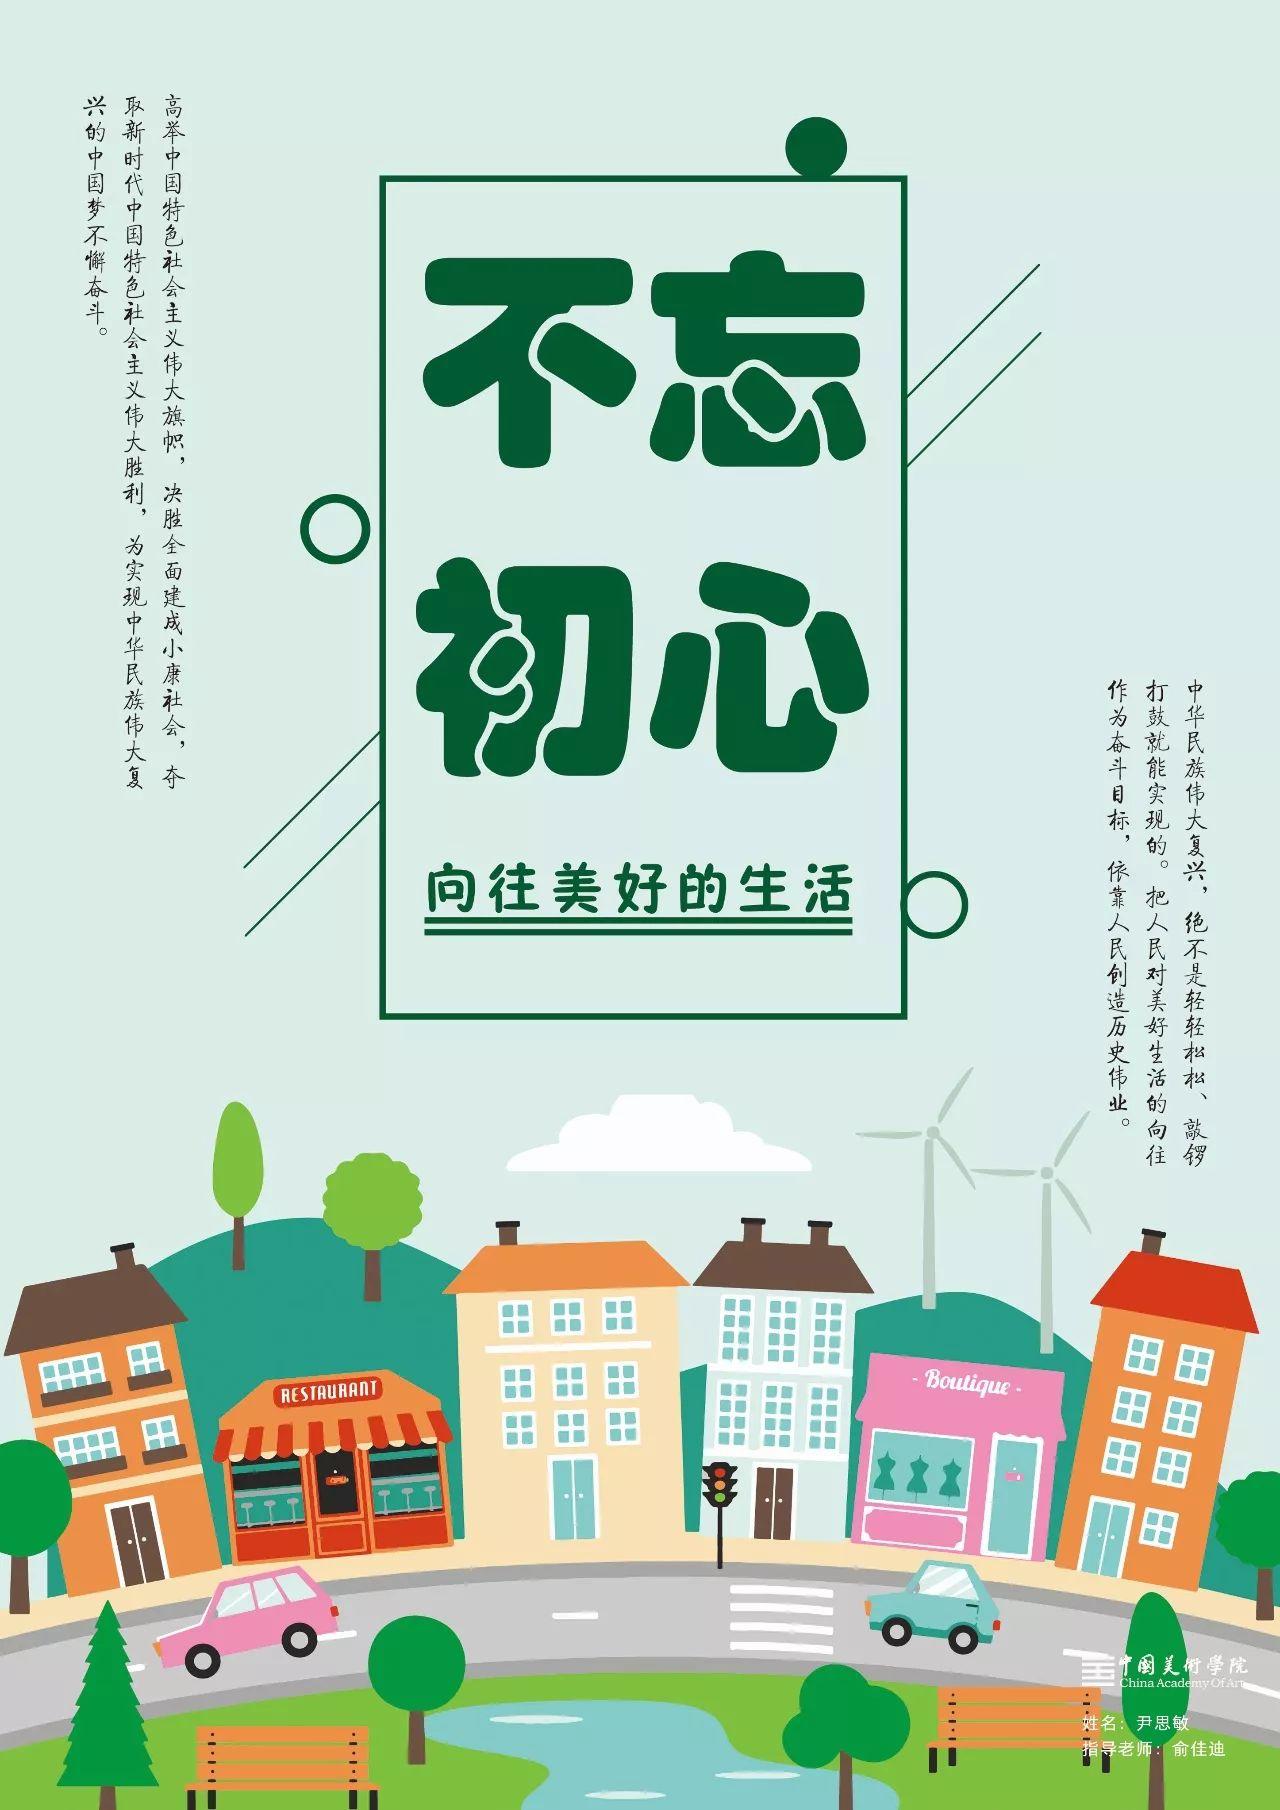 十九大主题创意海报进社区